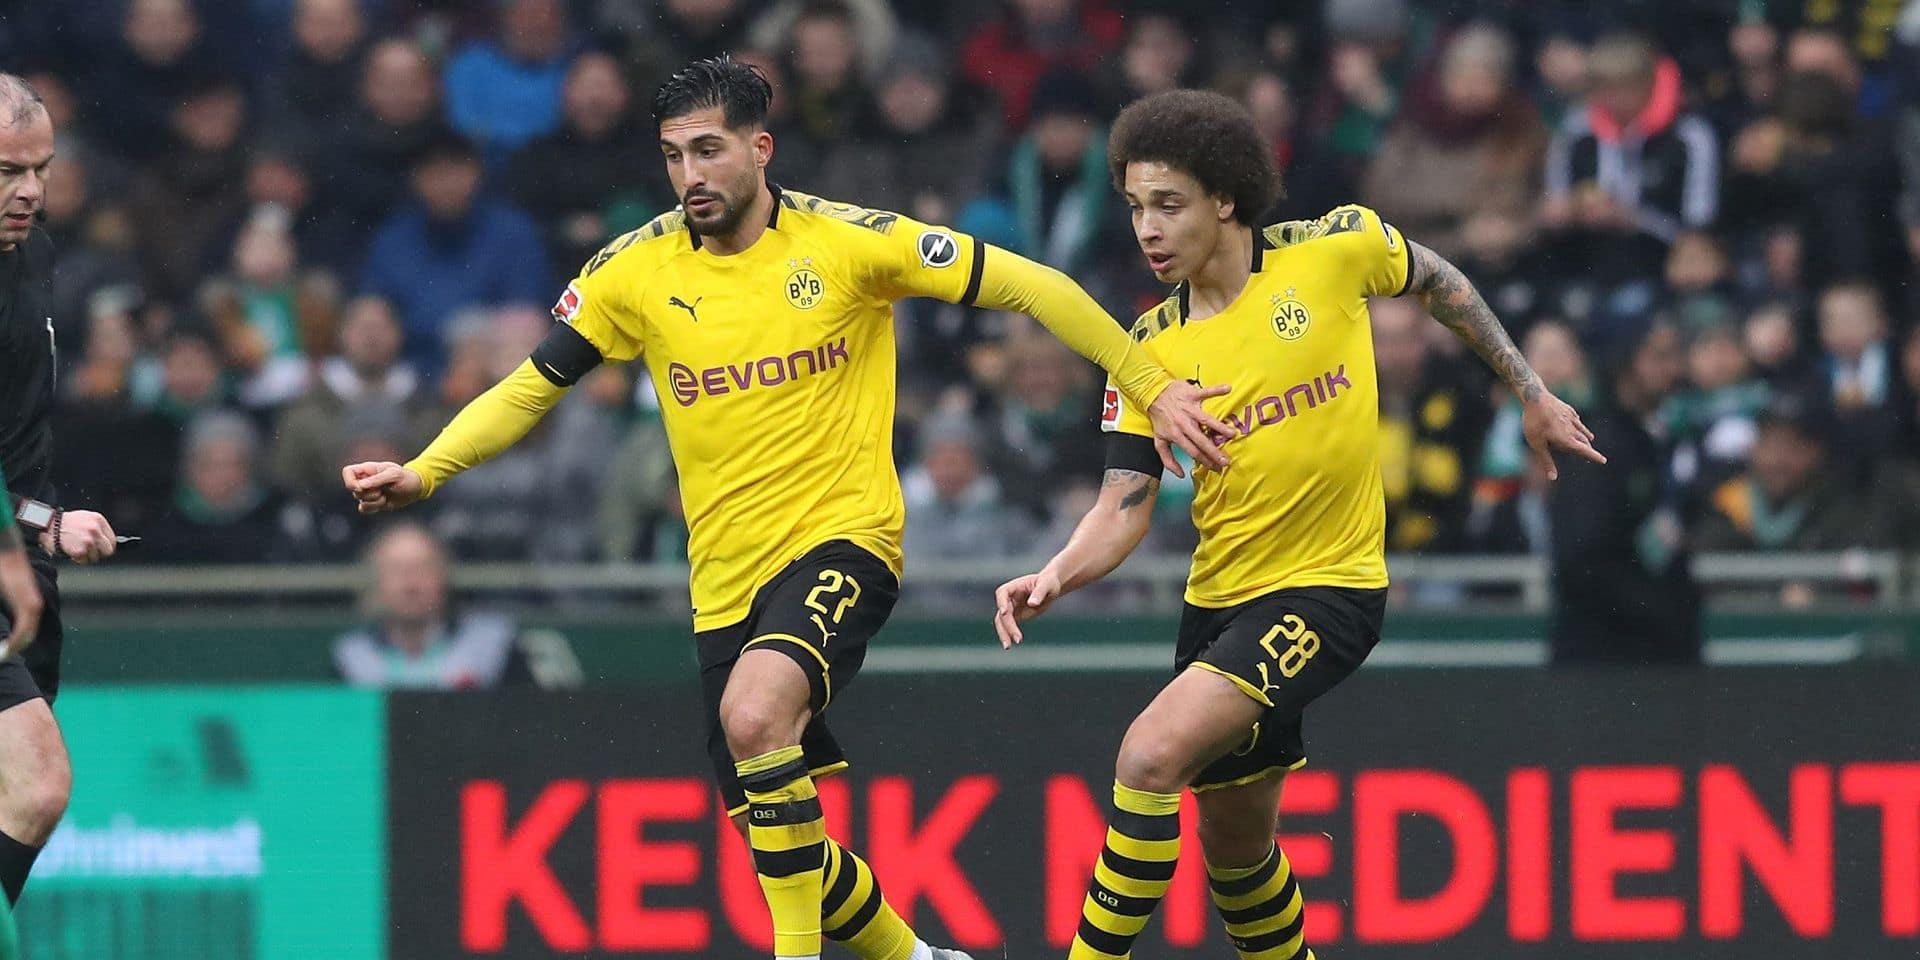 firo: 22.02.2020 Football, 2019/2020 1.Bundesliga: SV Werder Bremen - BVB, Borussia Dortmund